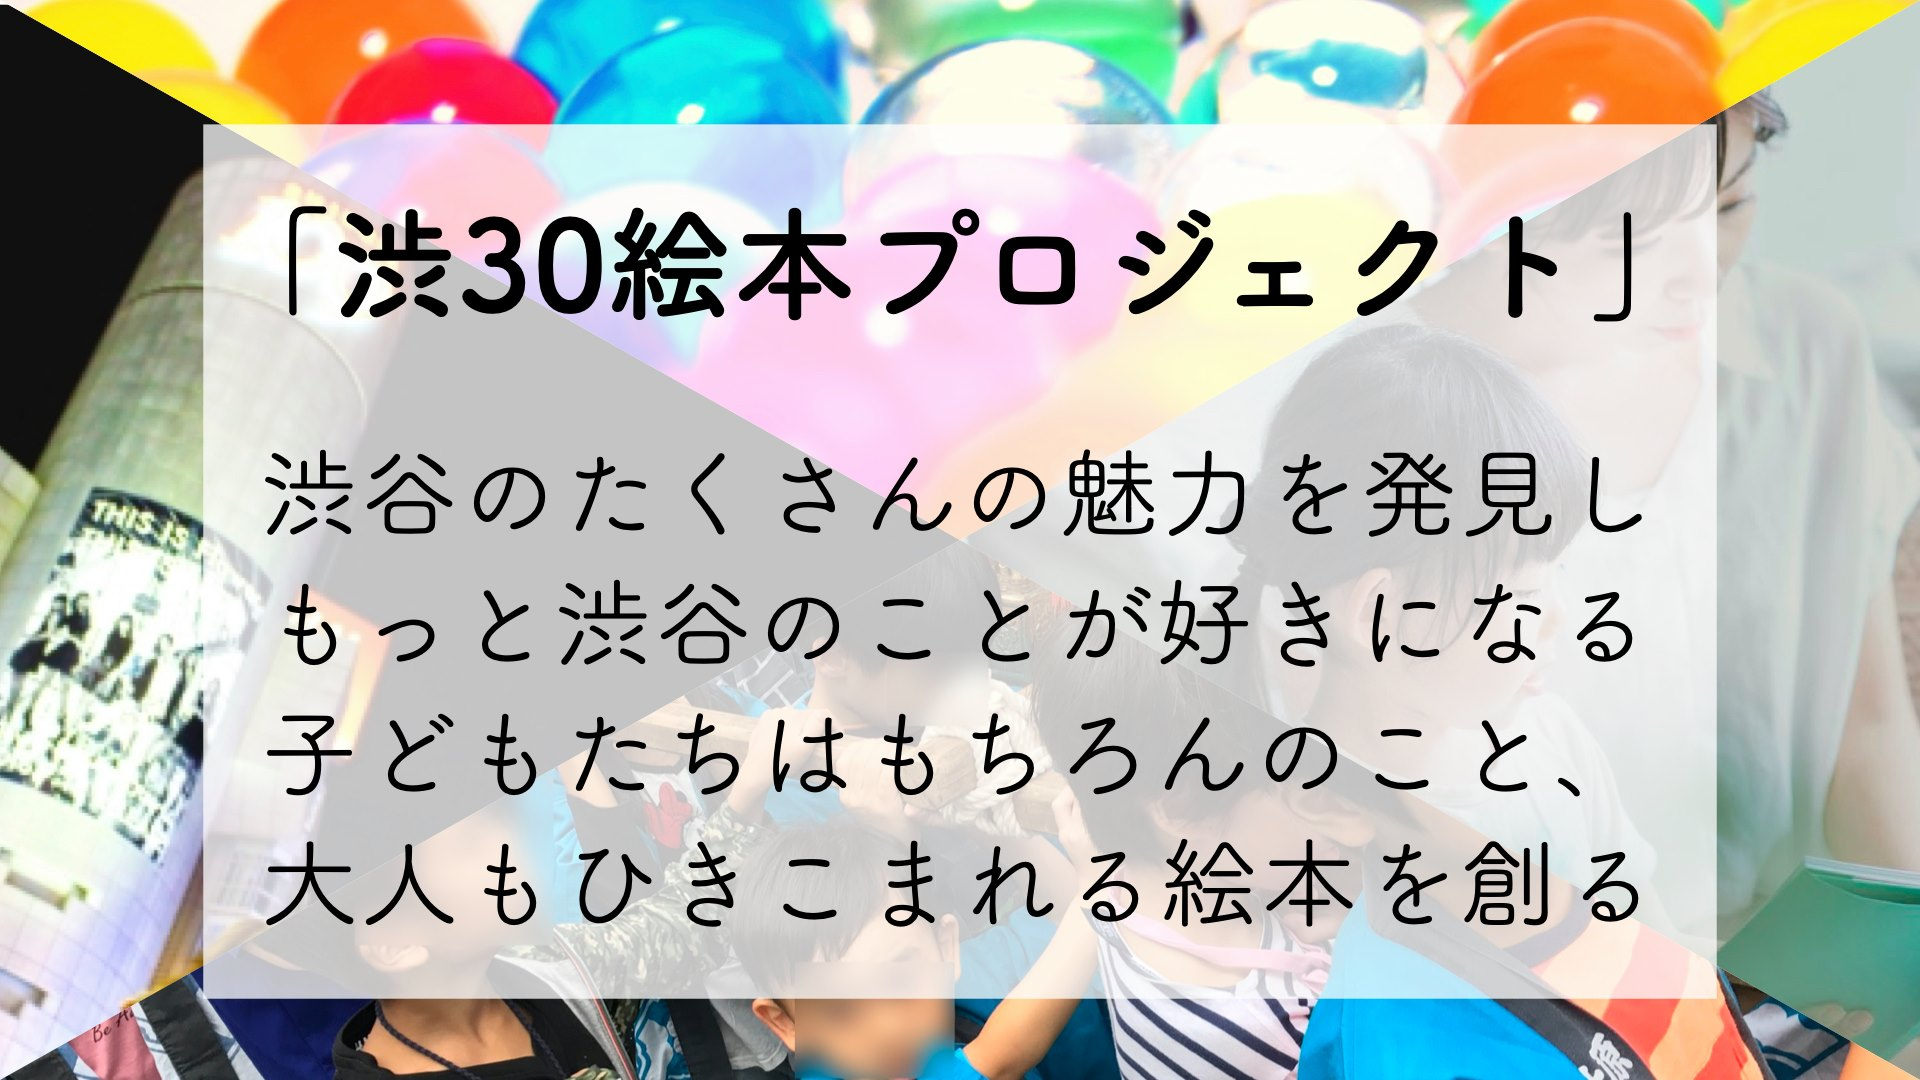 【渋谷をつなげる30人 5期 オープンセッション 】〜渋30絵本チーム編〜